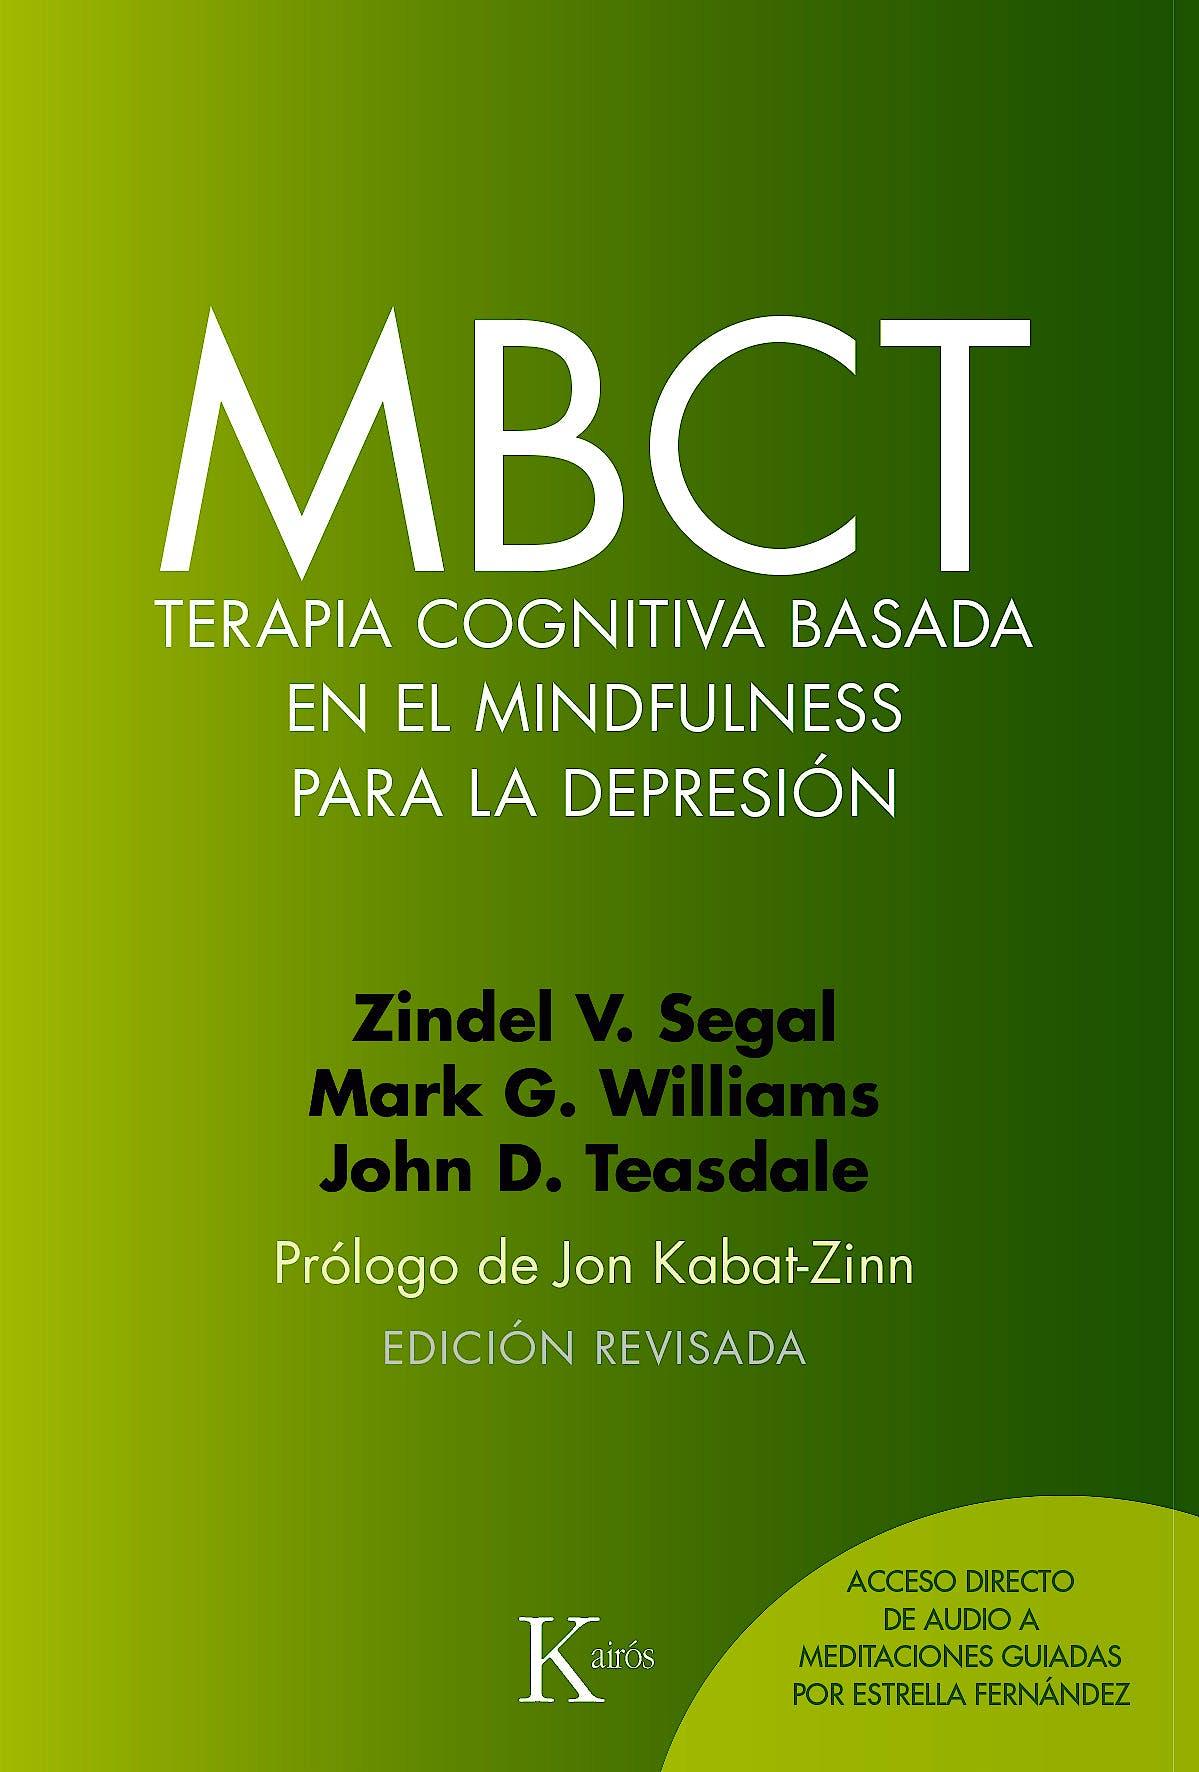 Portada del libro 9788499885674 MBCT. Terapia Cognitiva Basada en el Mindfulness para la Depresión